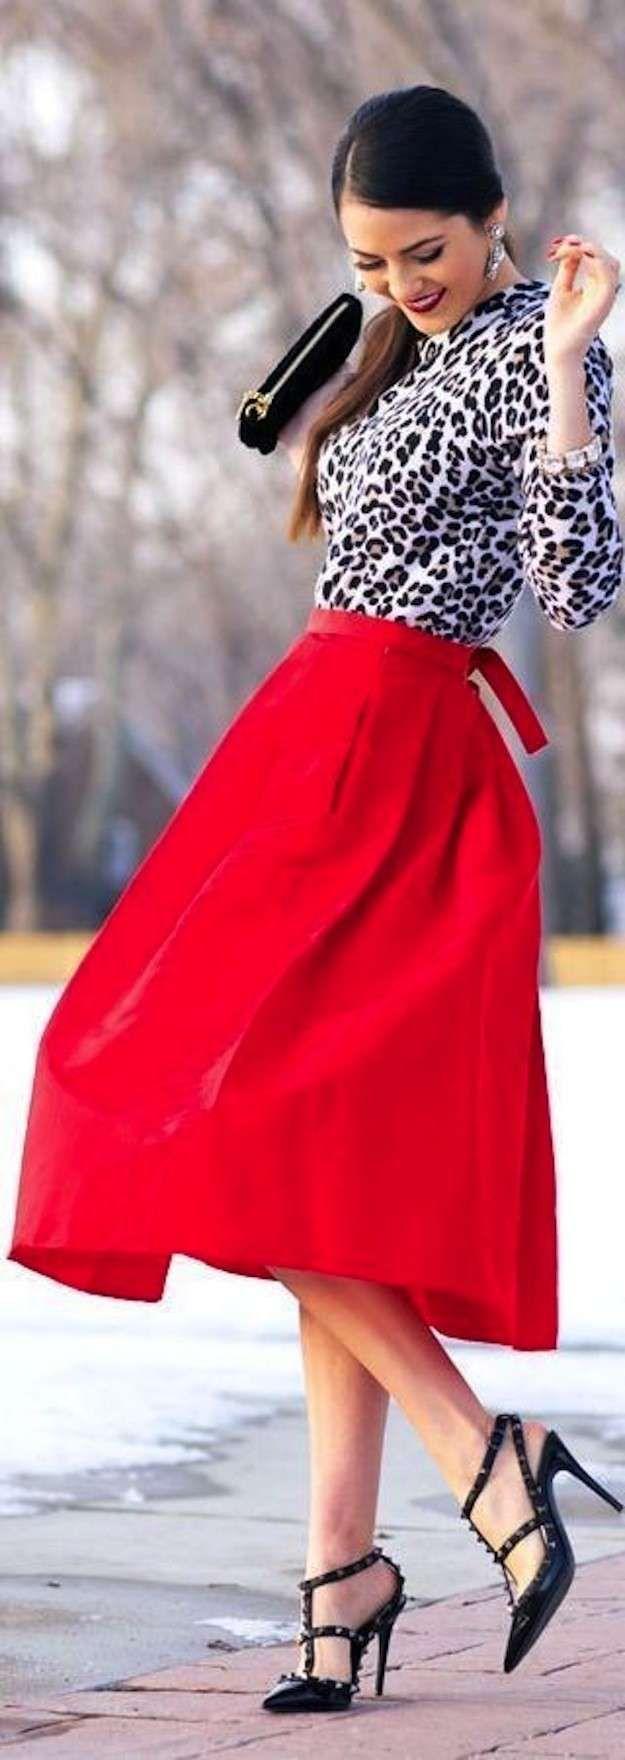 Faldas años 50: Fotos de los modelos - Top y falda